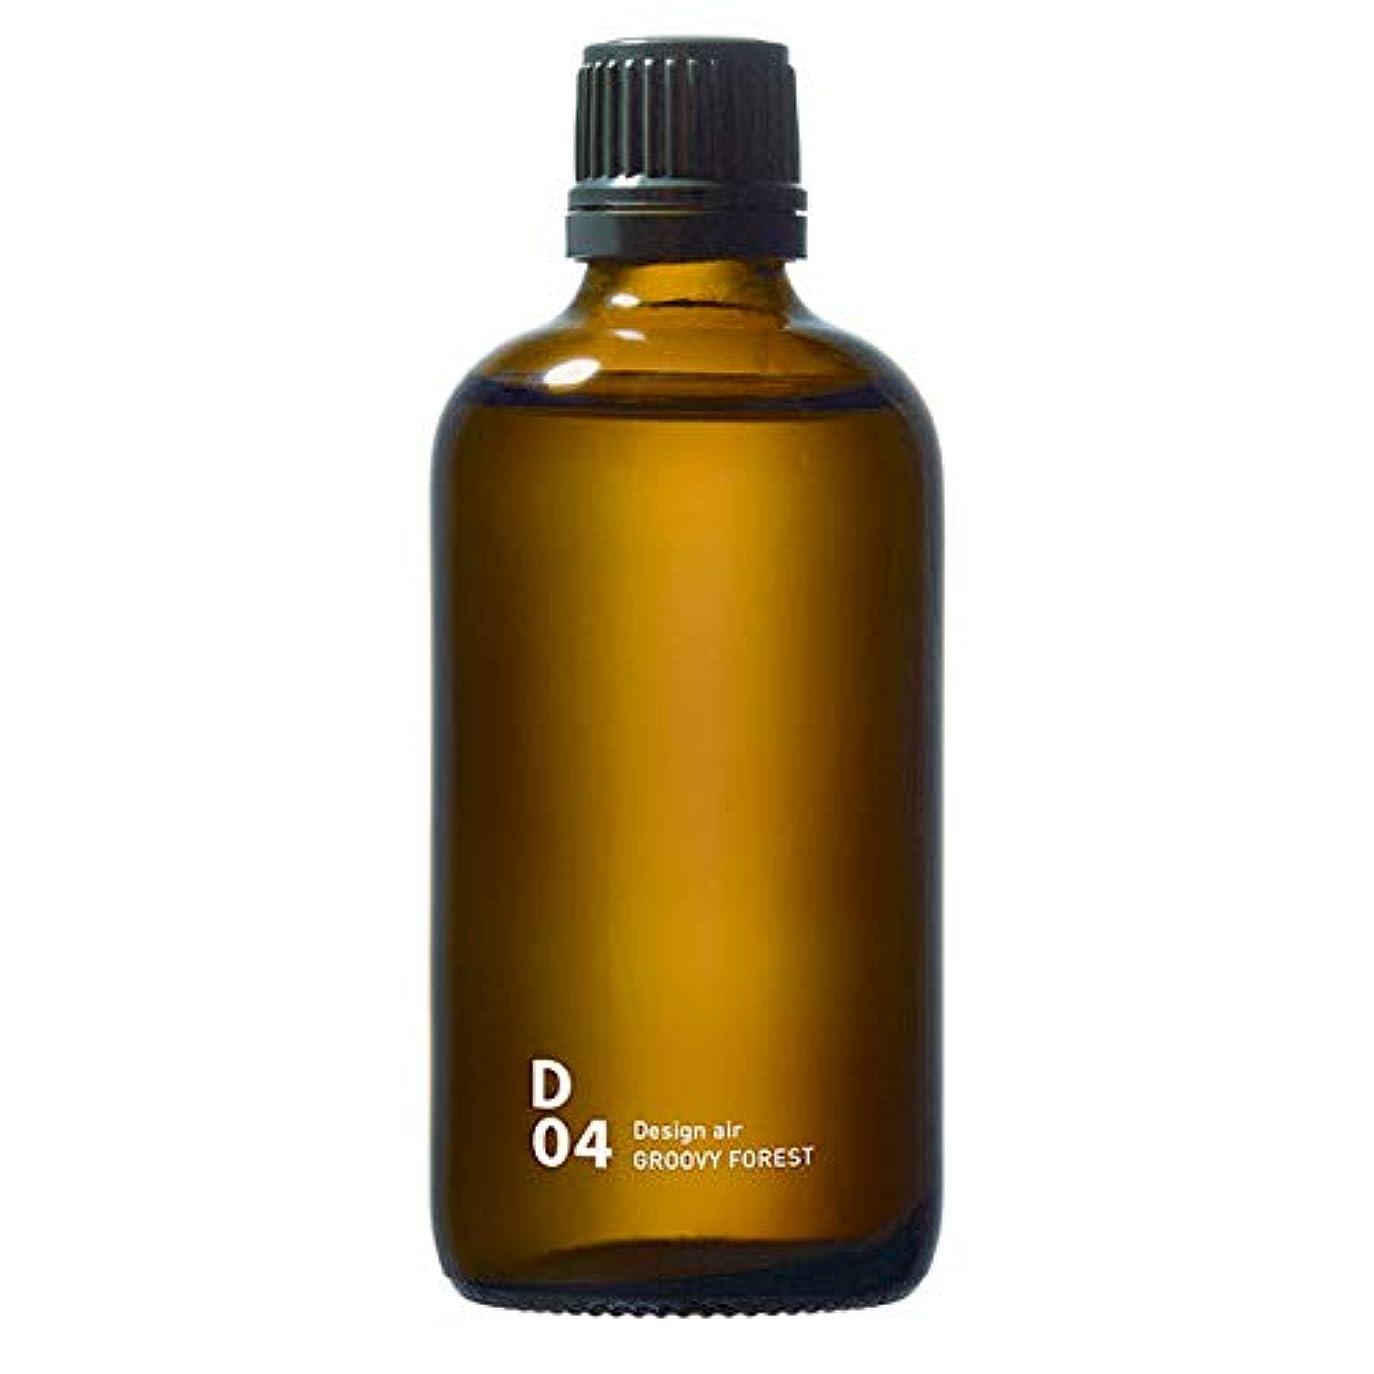 創始者ビートストラップD04 GROOVY FOREST piezo aroma oil 100ml